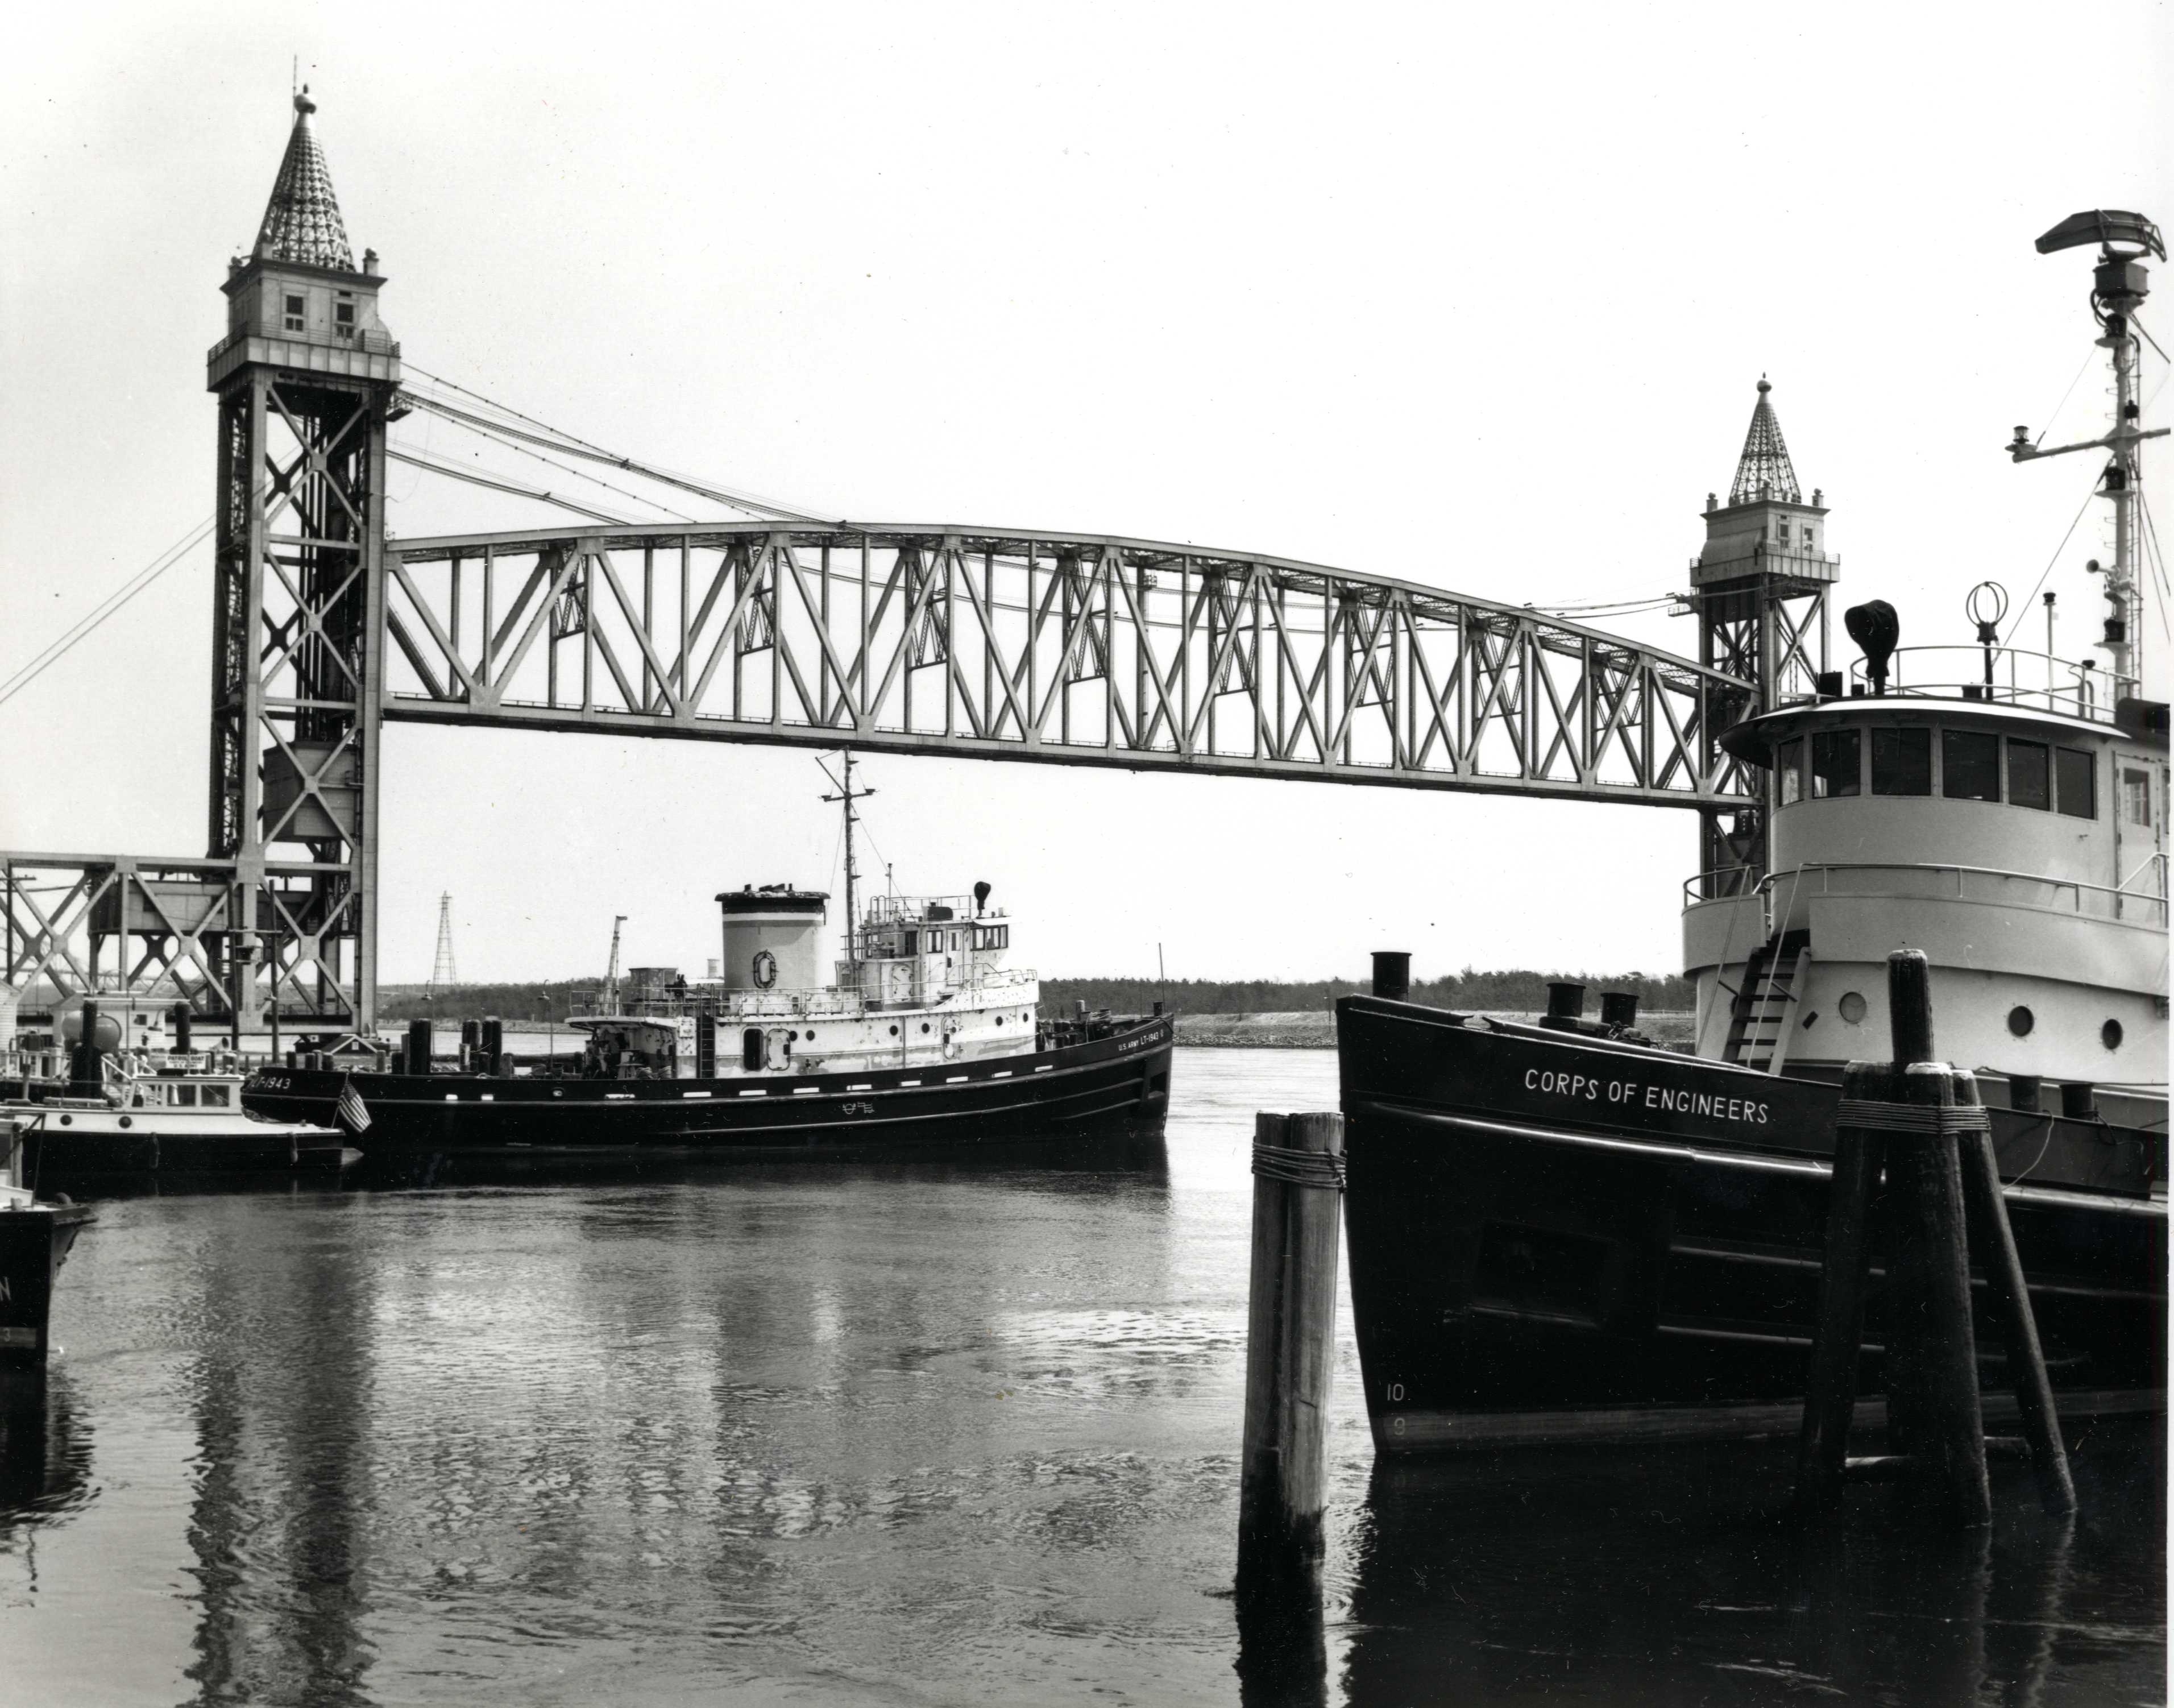 OMNIA - Tugboats